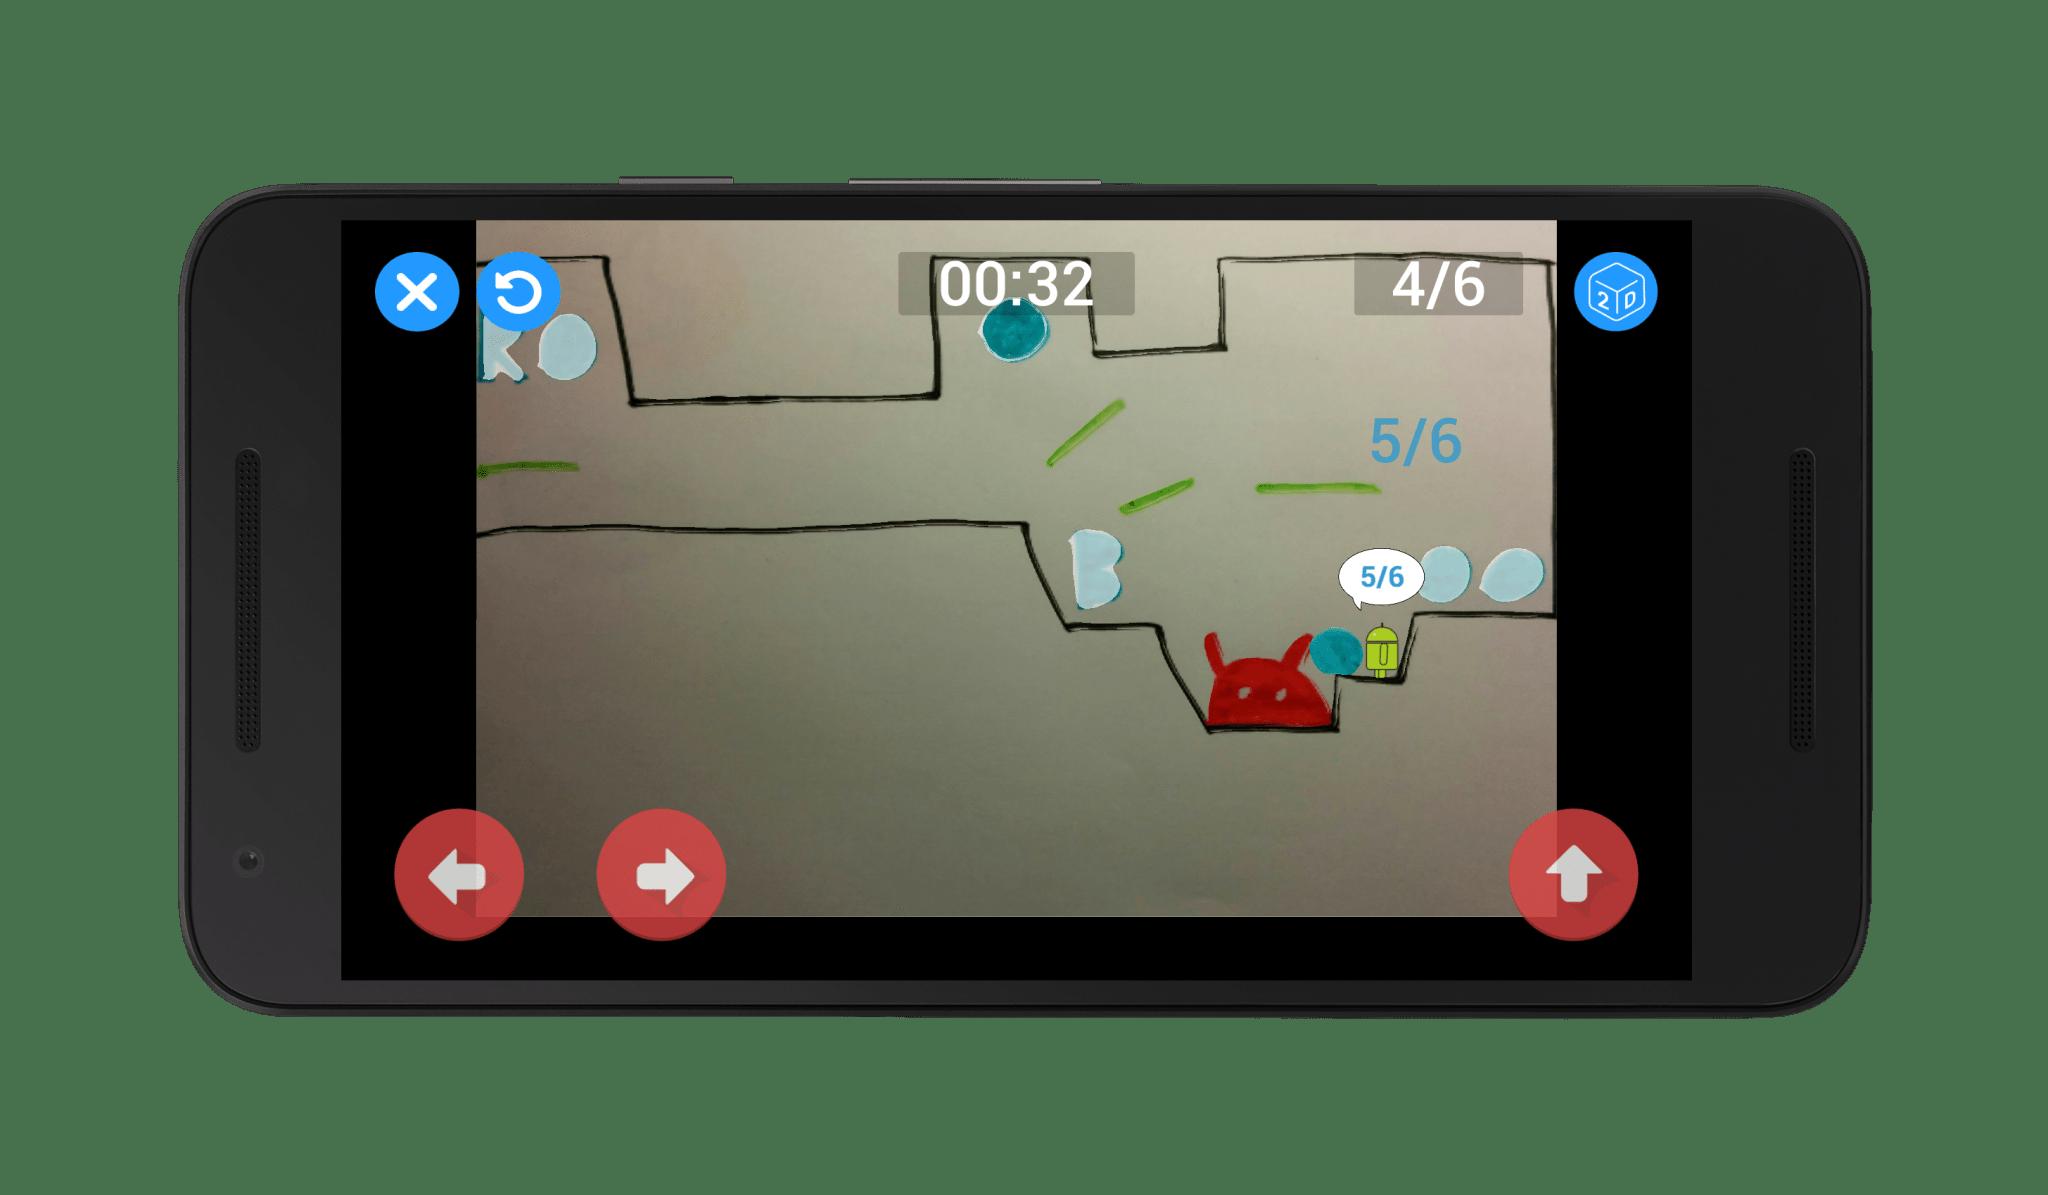 Appventskalender - Zeichne dein Spiel • APPkosmos